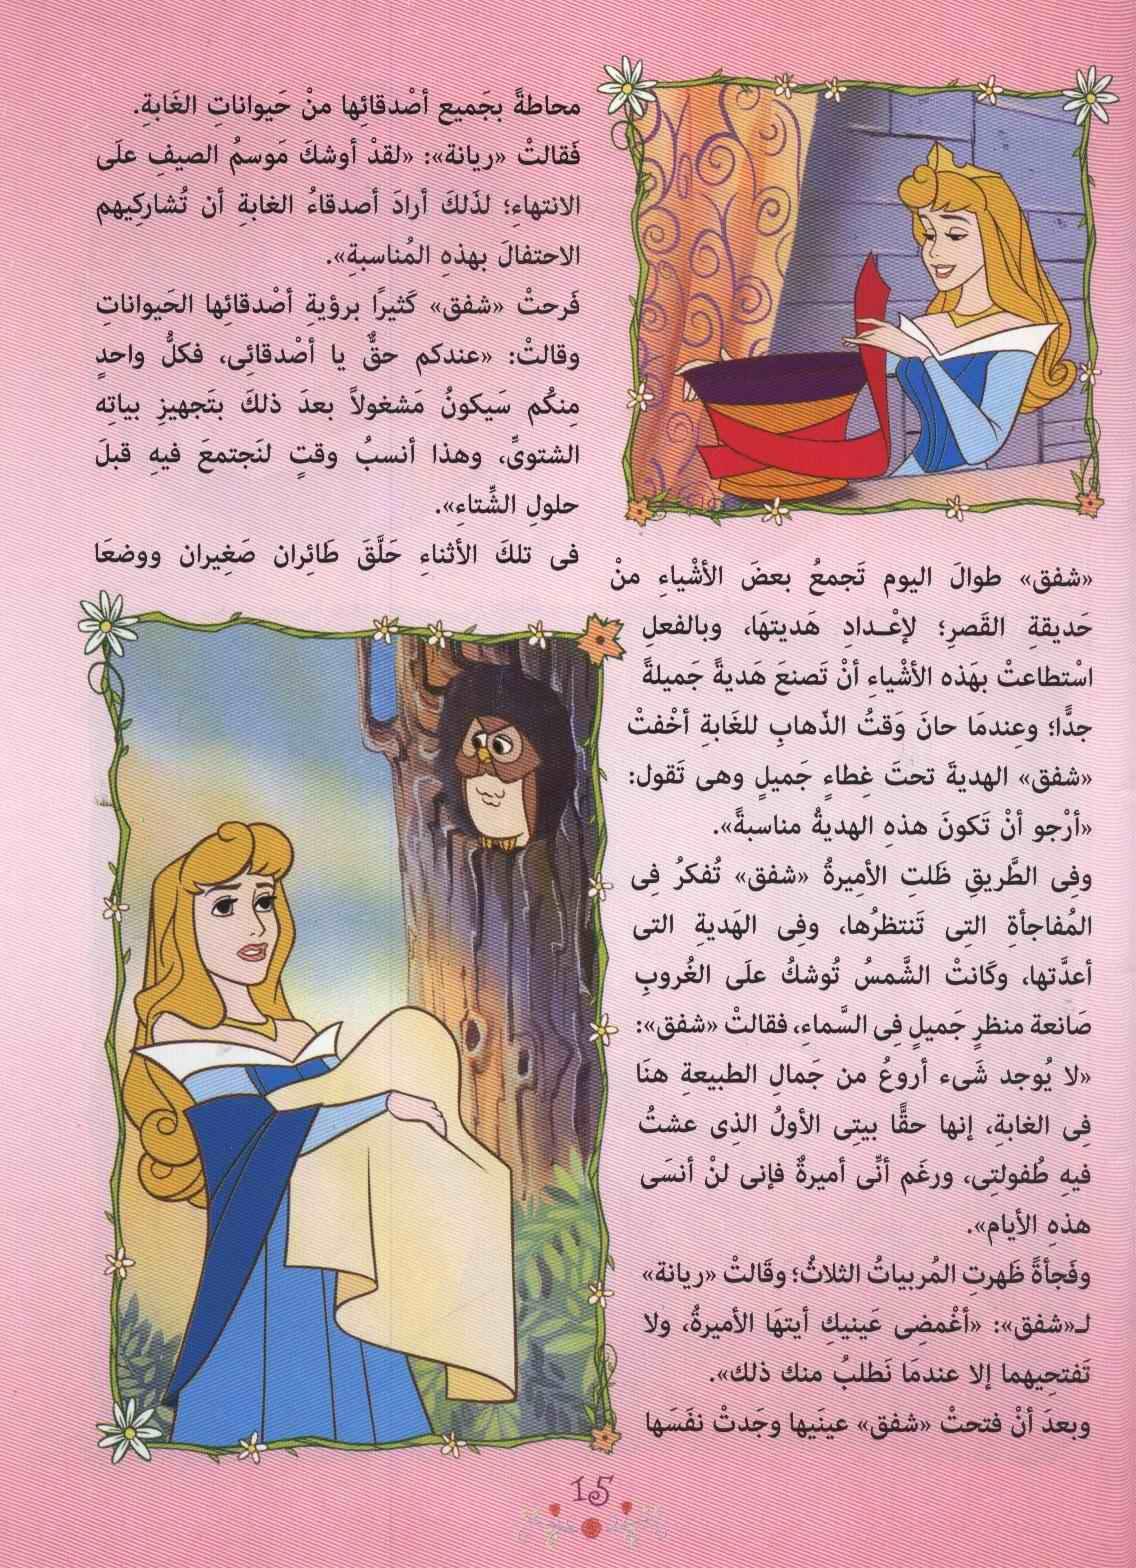 أميرة الغابه قصه مصوره *ح*